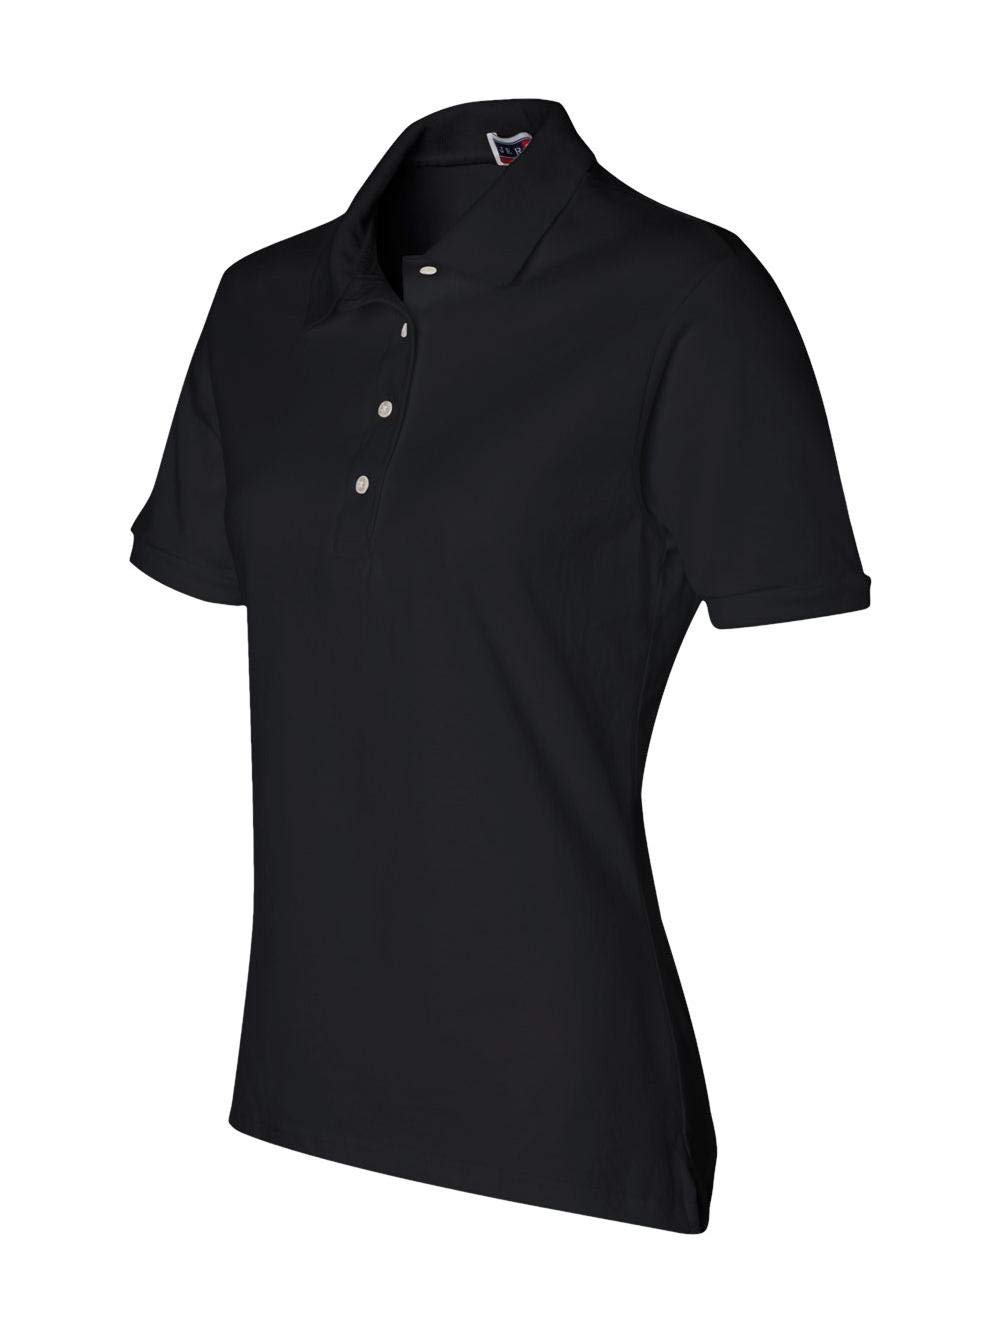 Jerzees womens 5.6 oz. 50/50 Jersey Polo with SpotShield(437W)-BLACK-M